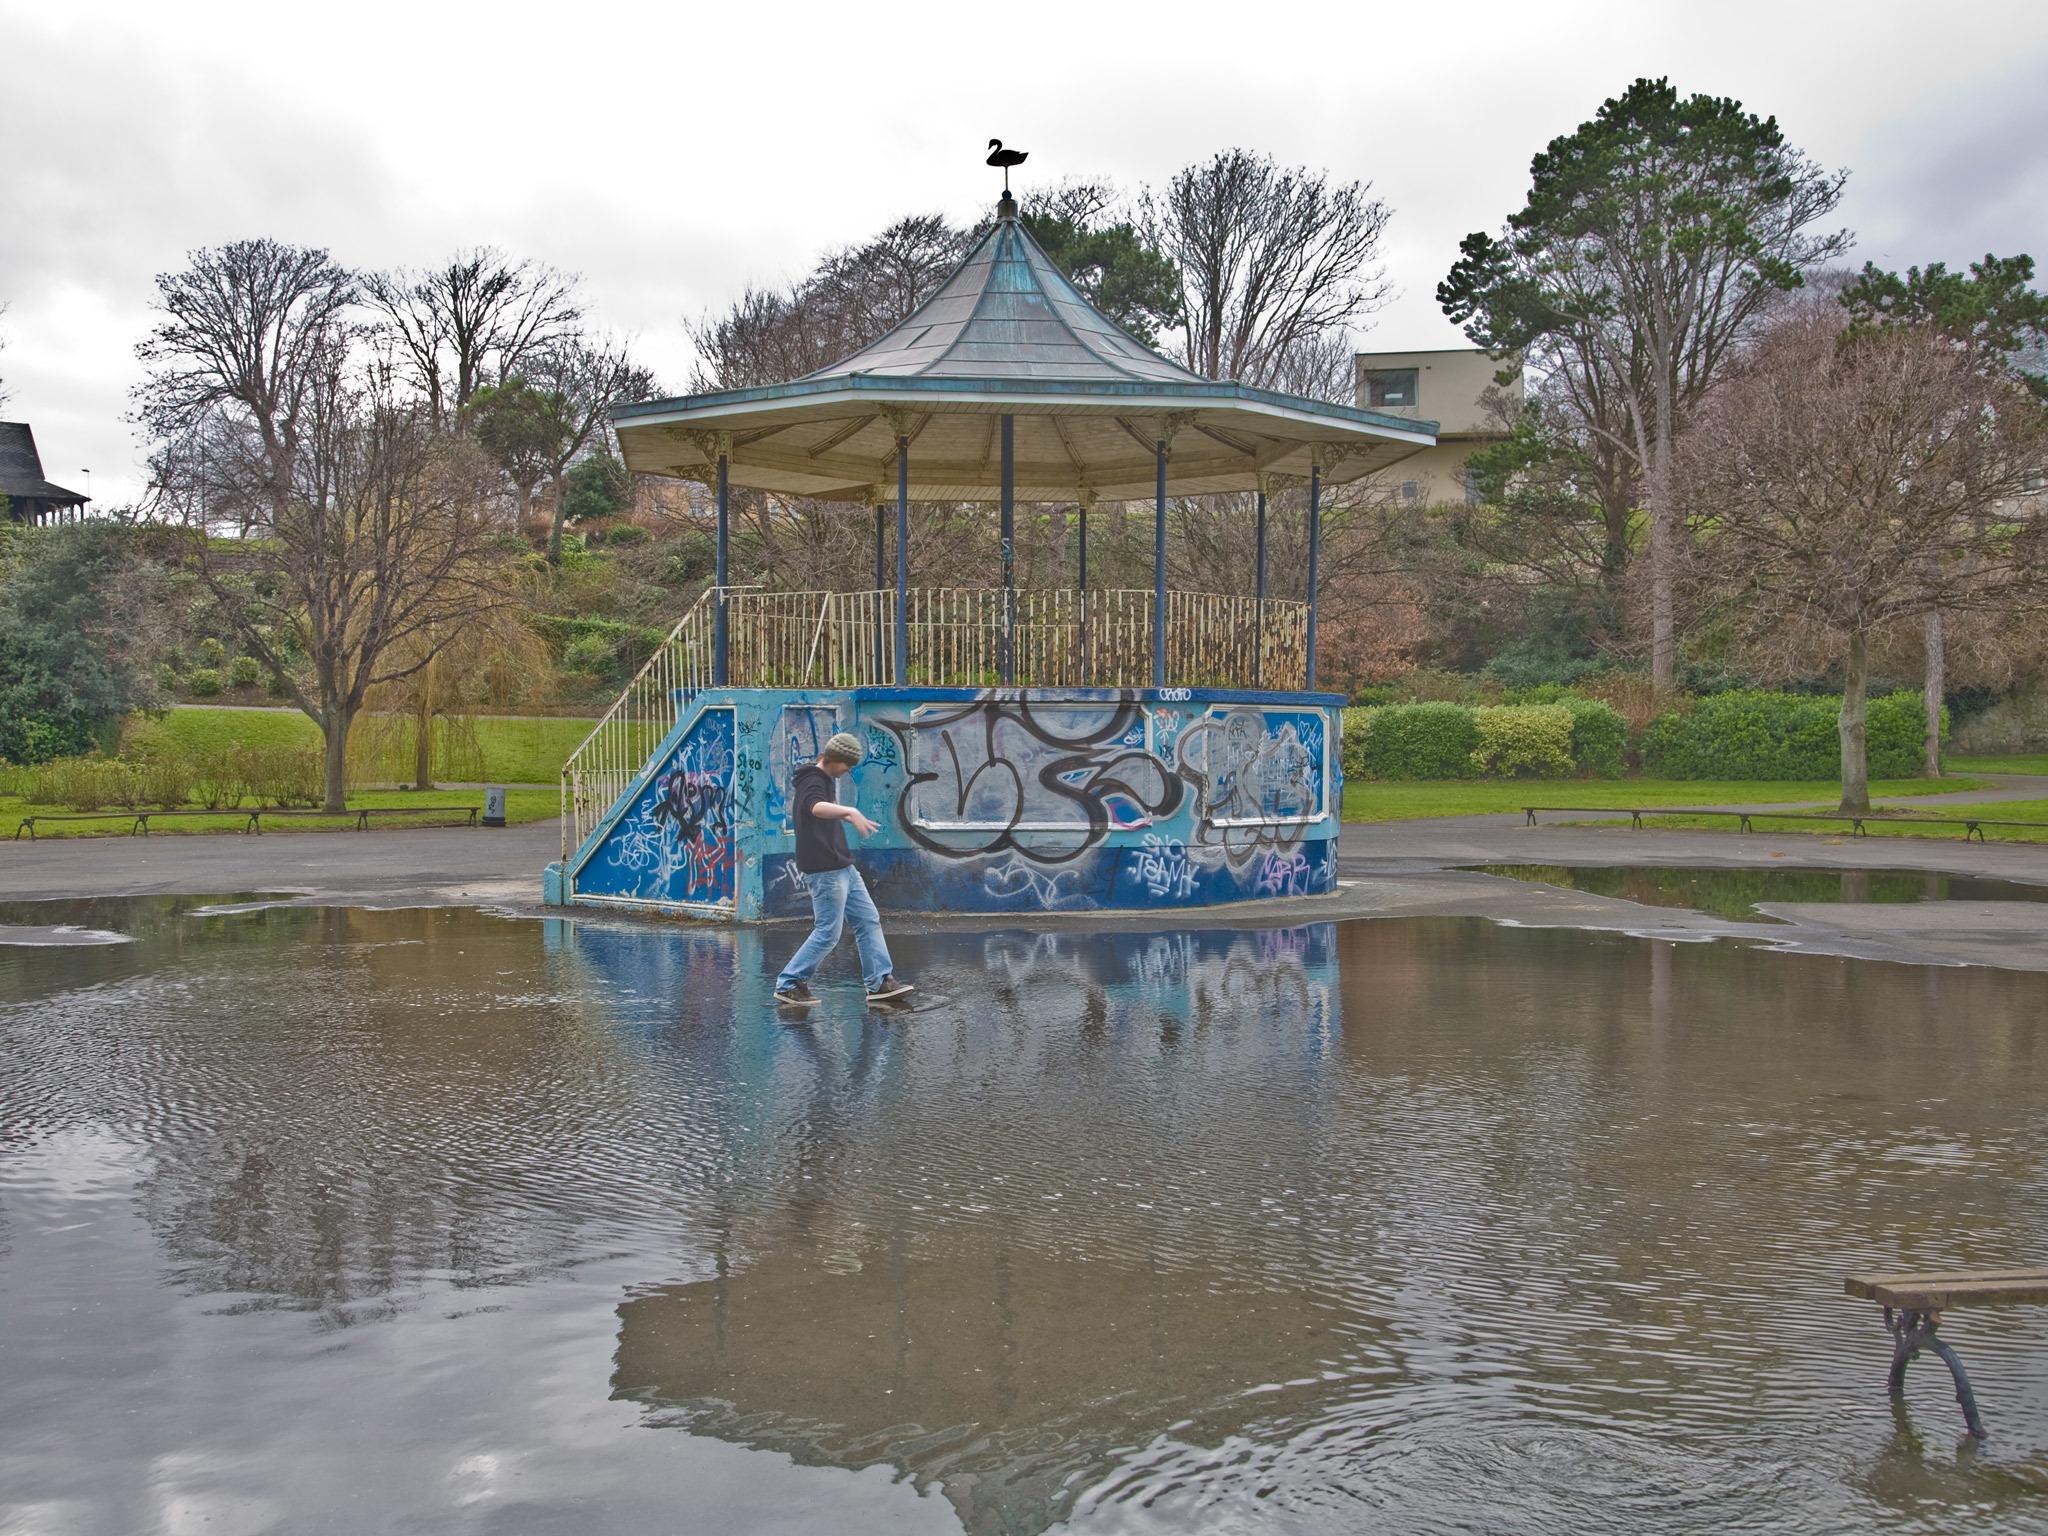 A bandstand at Blackrock Park in Dublin